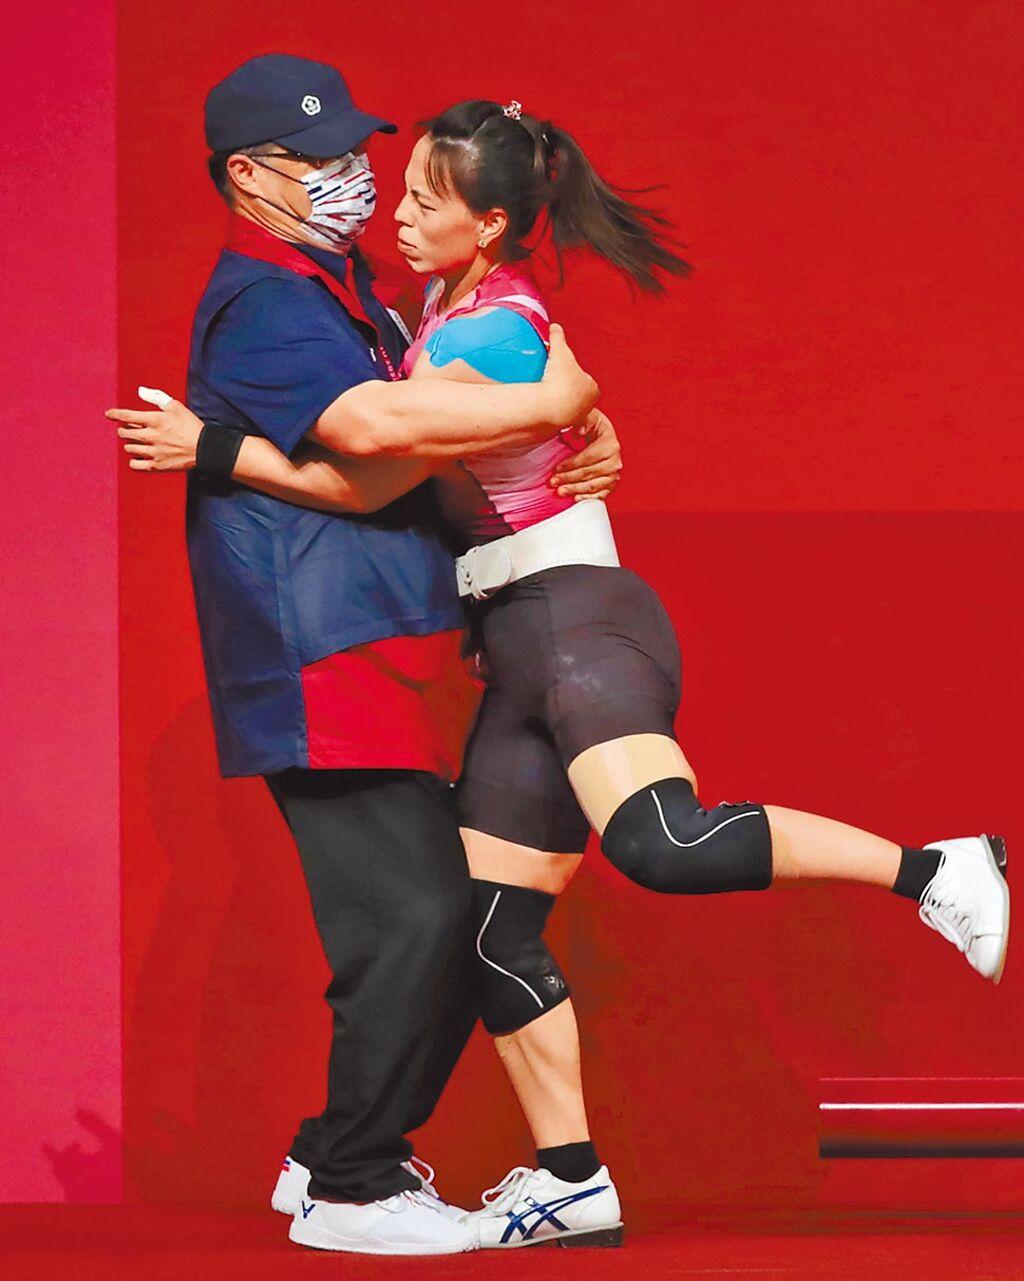 東京奧運女子舉重59公斤級由中華隊的郭婞淳(右)拿到金牌,賽後她與教練擁抱。(季志翔攝)